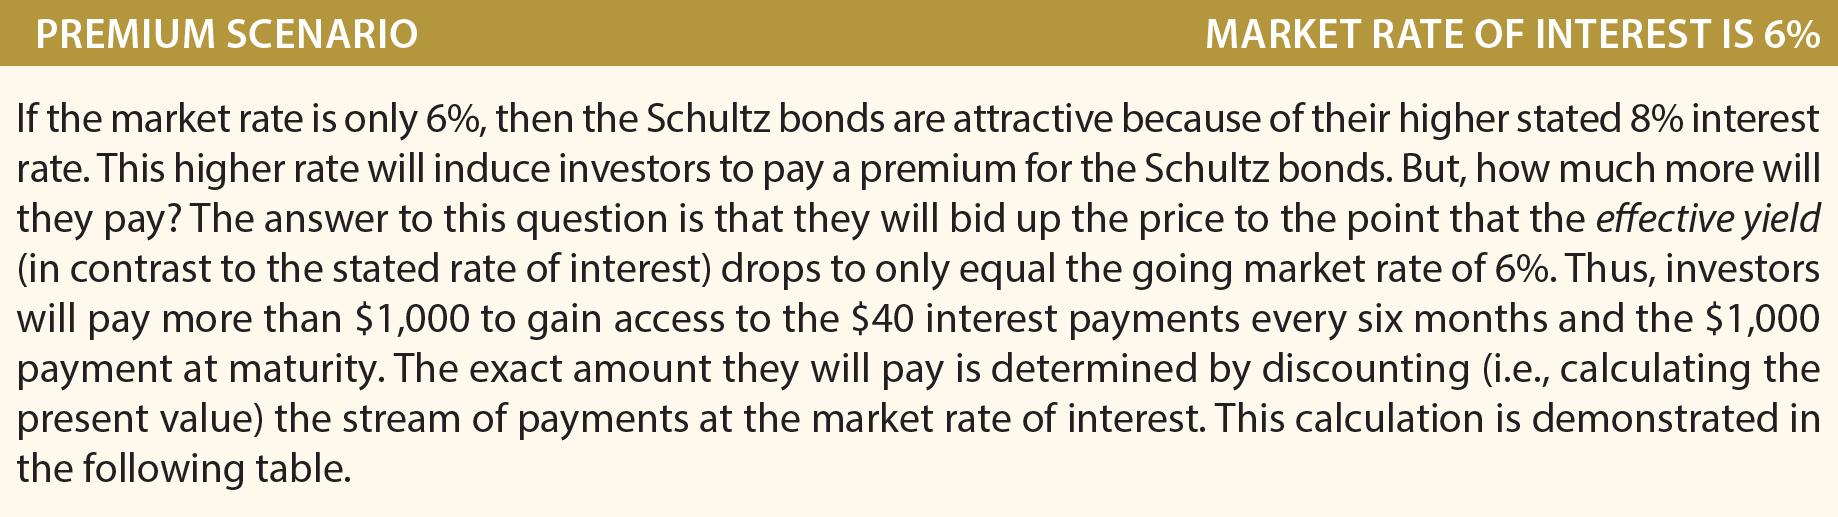 Premium Scenario Example